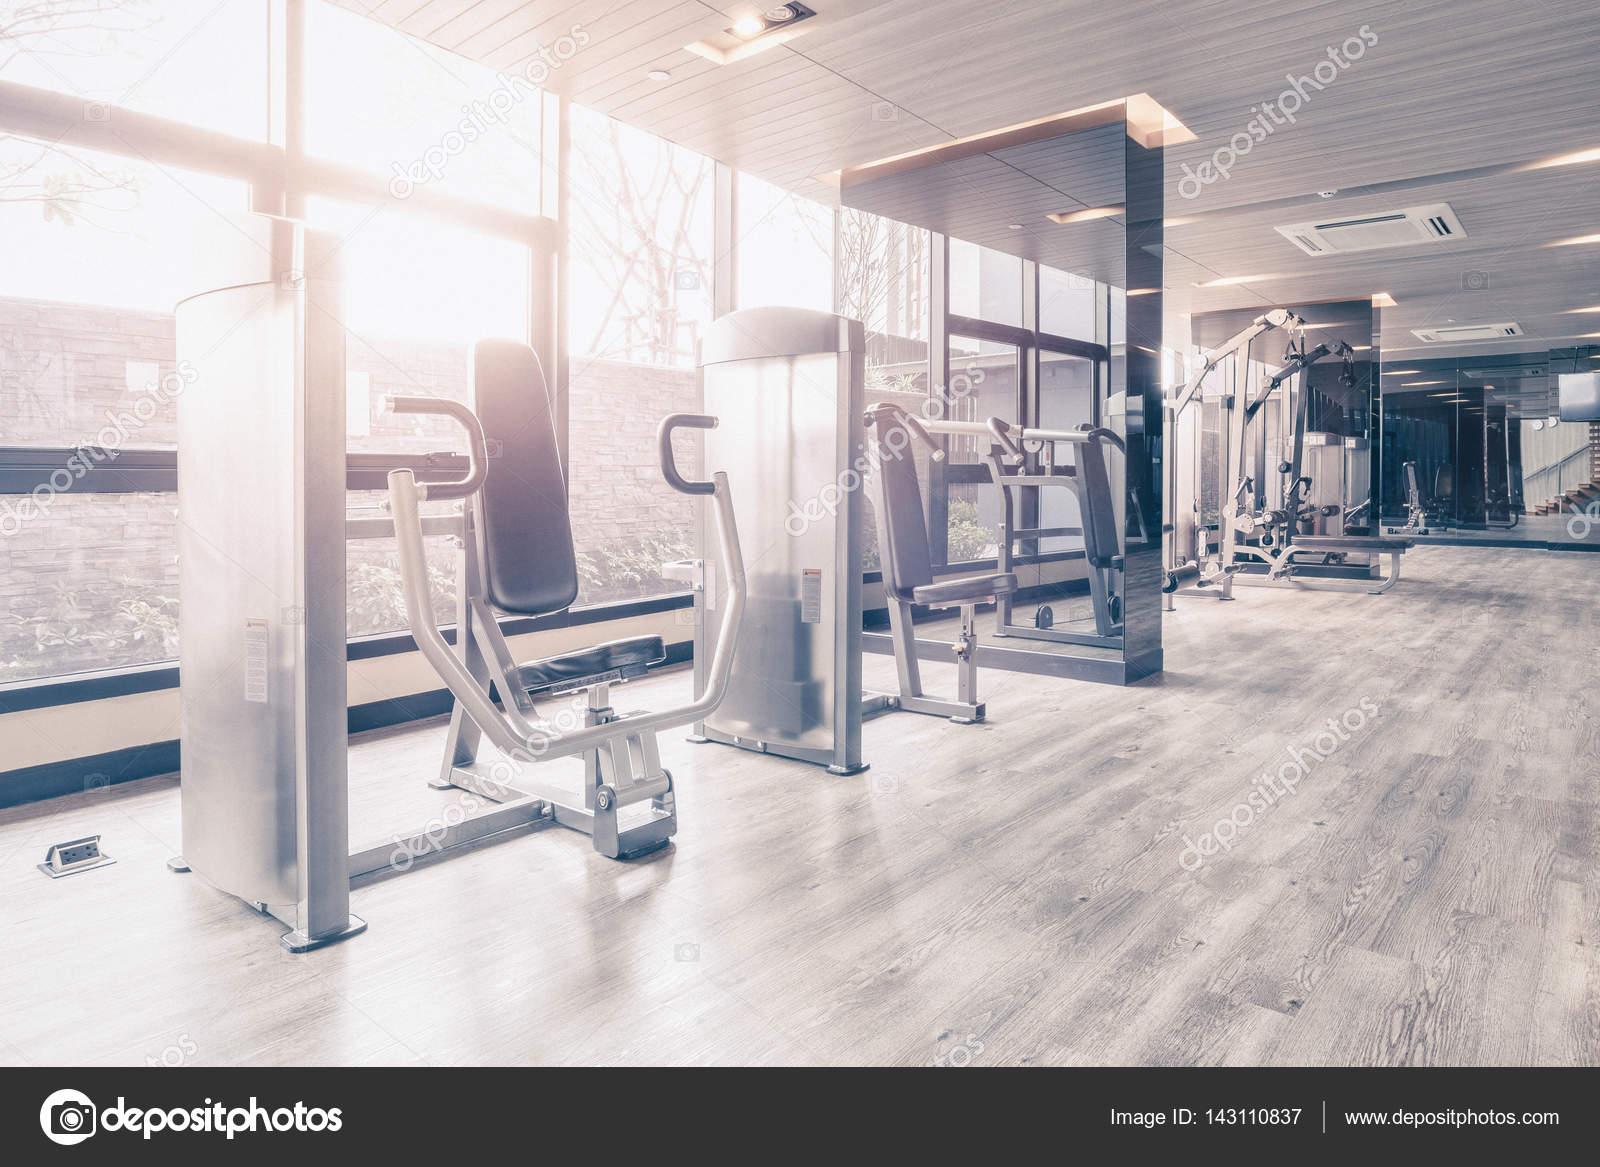 Fitnessraum modern  Fitnessraum mit modernen Sportgeräten. Fitness-Studio ist ein ...